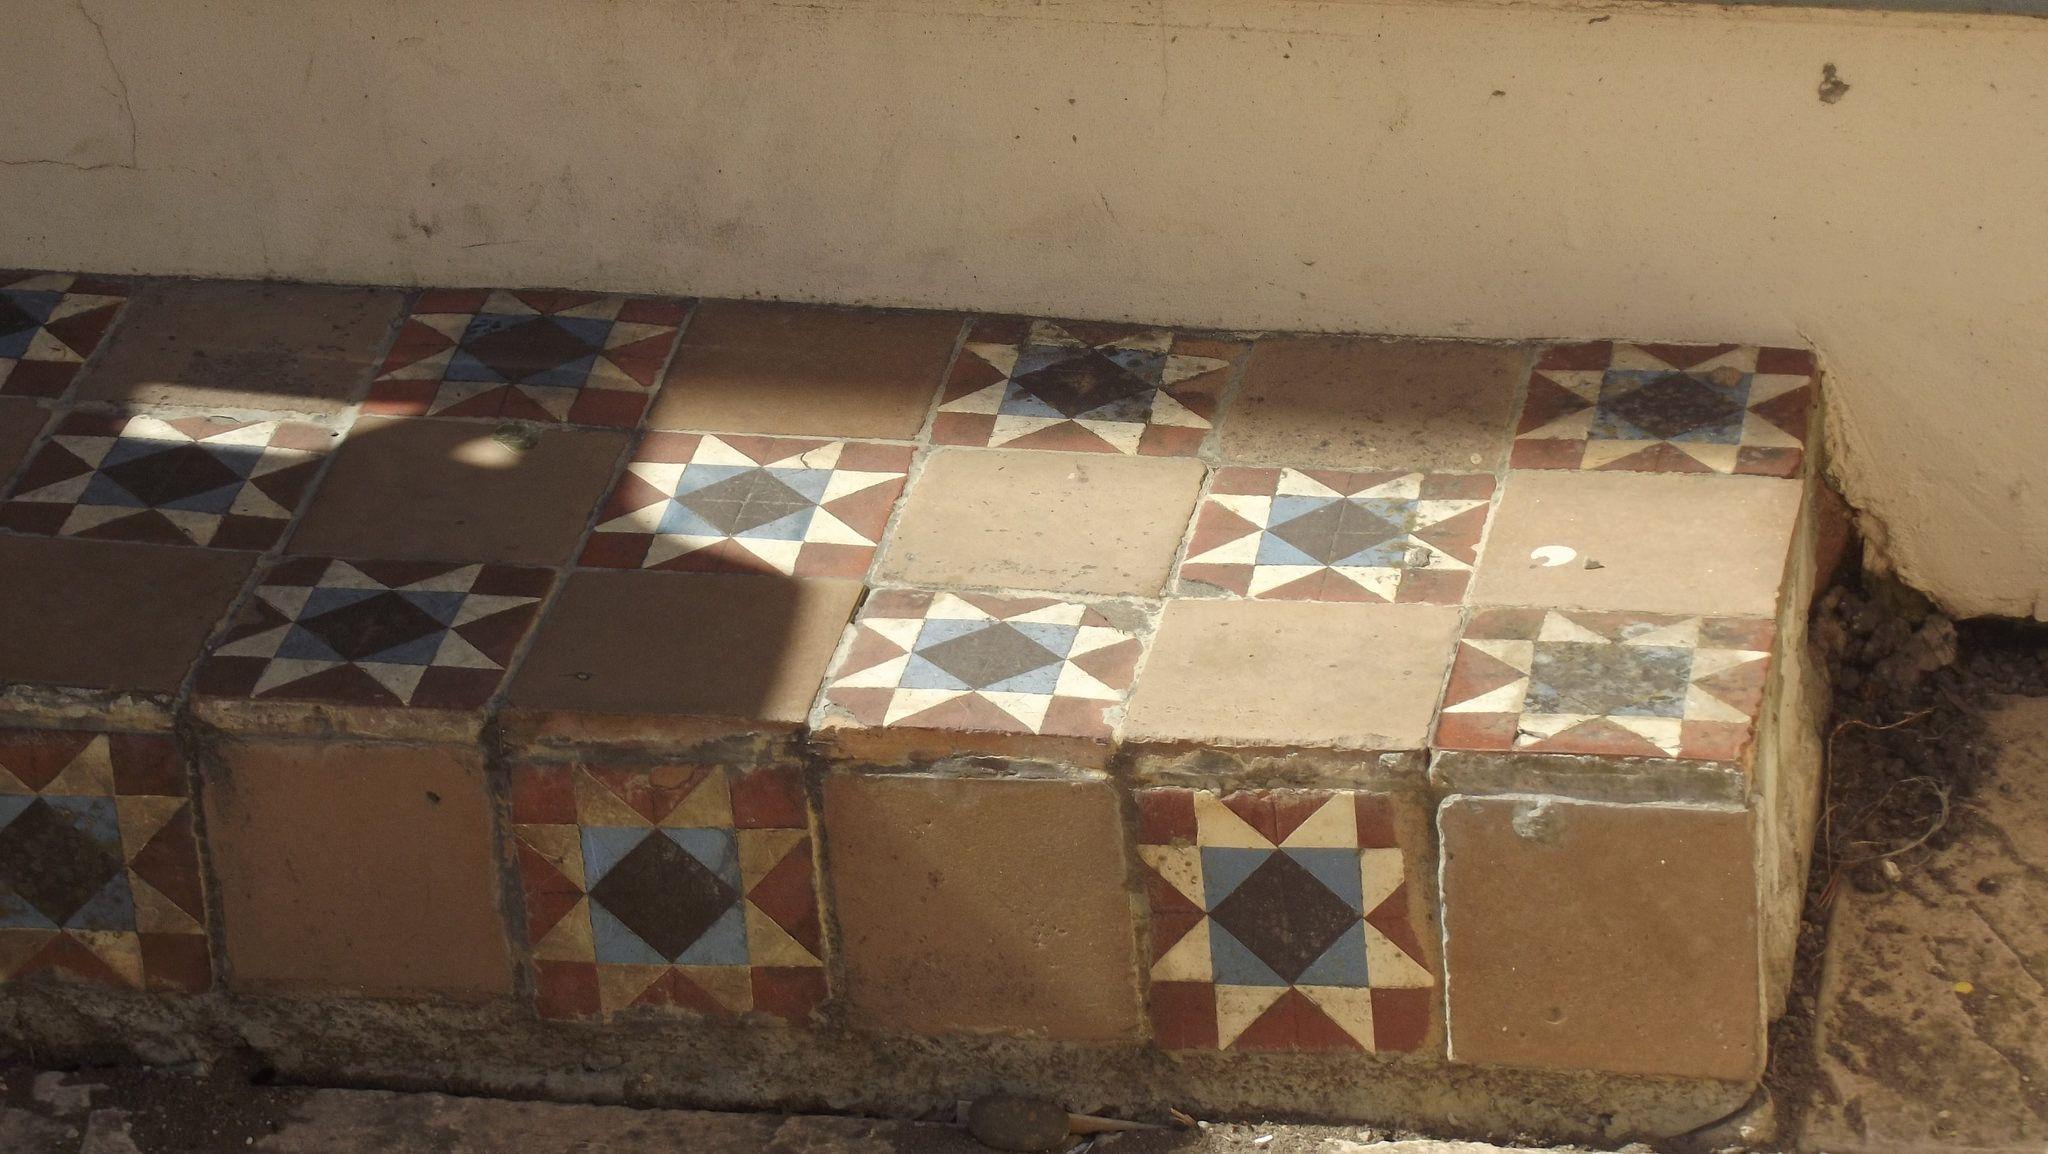 https://flic.kr/p/tXkMgL   Stroud Terrace step